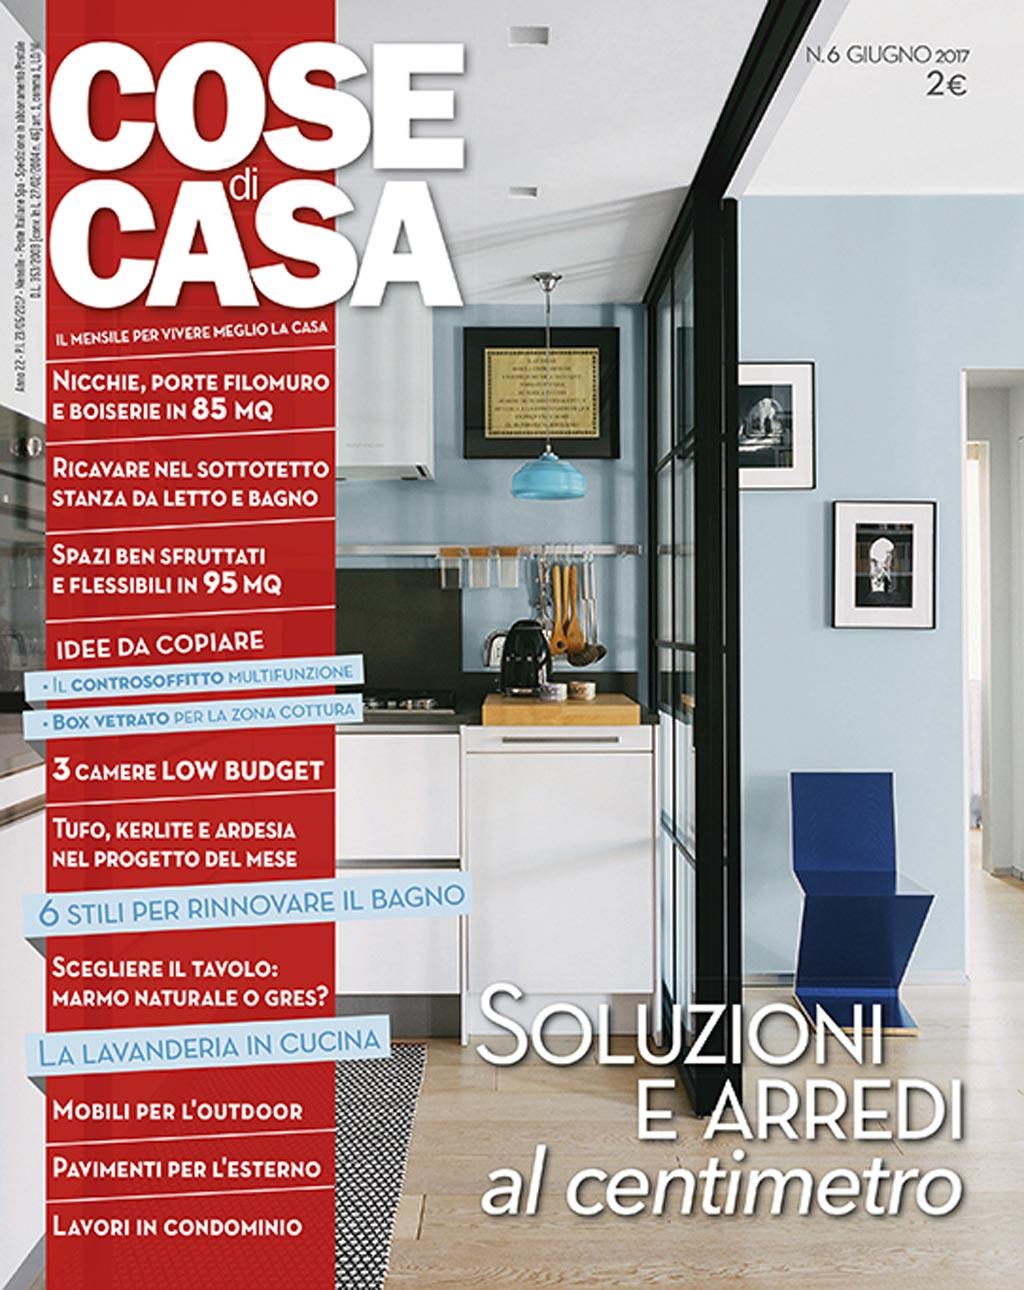 COSE DI CASA - GIUGNO 2017